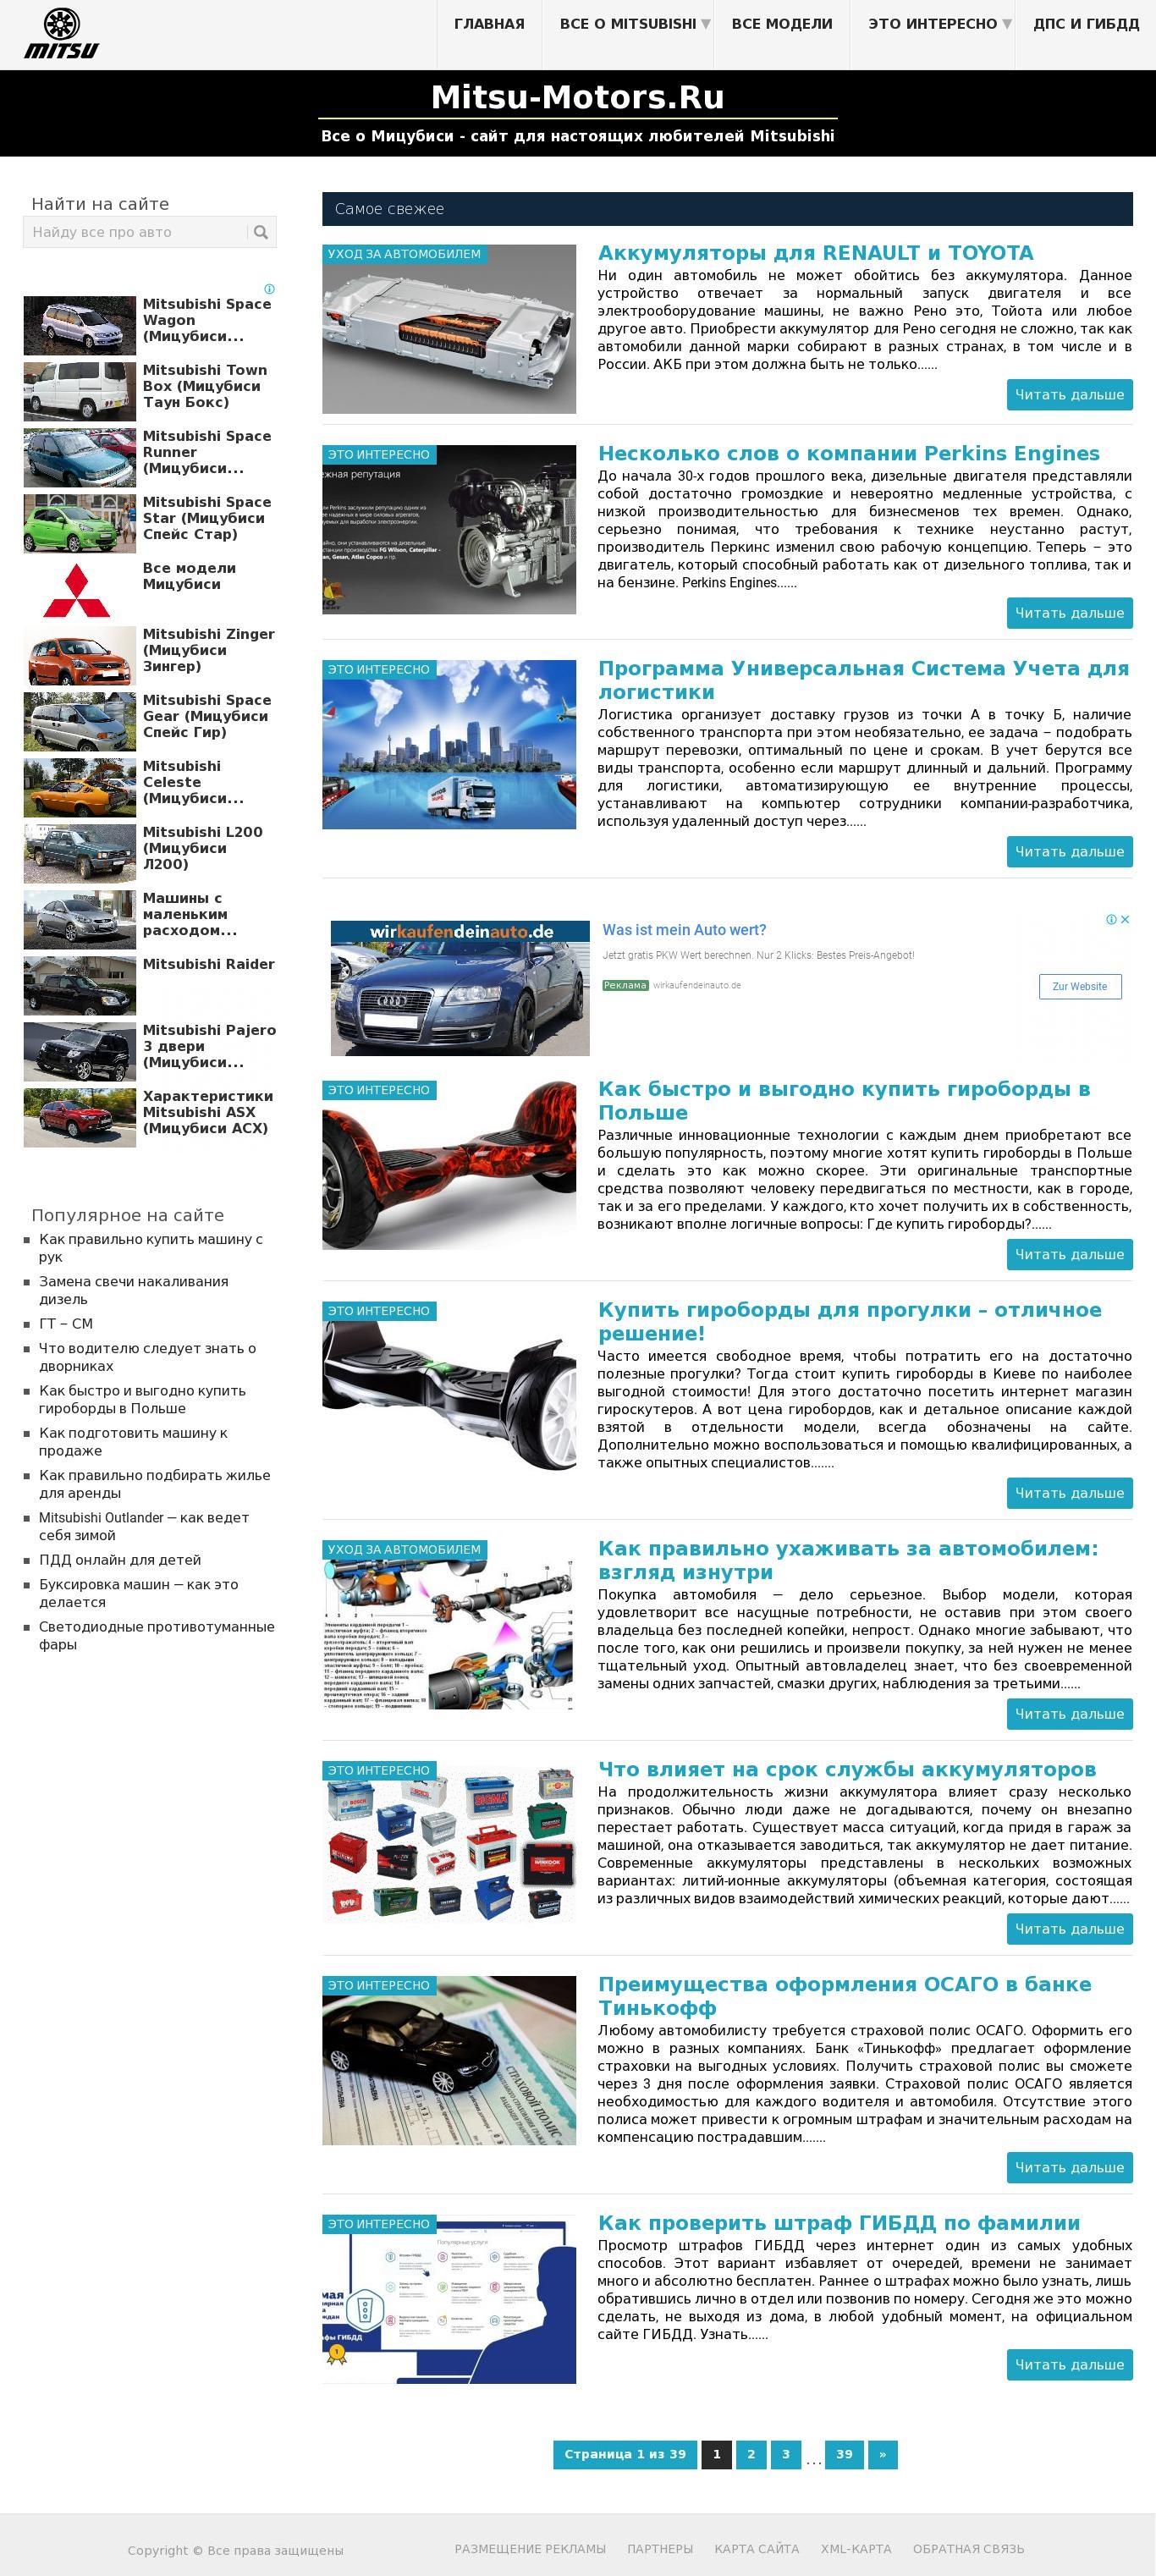 Сайт любителей Mitsubishi